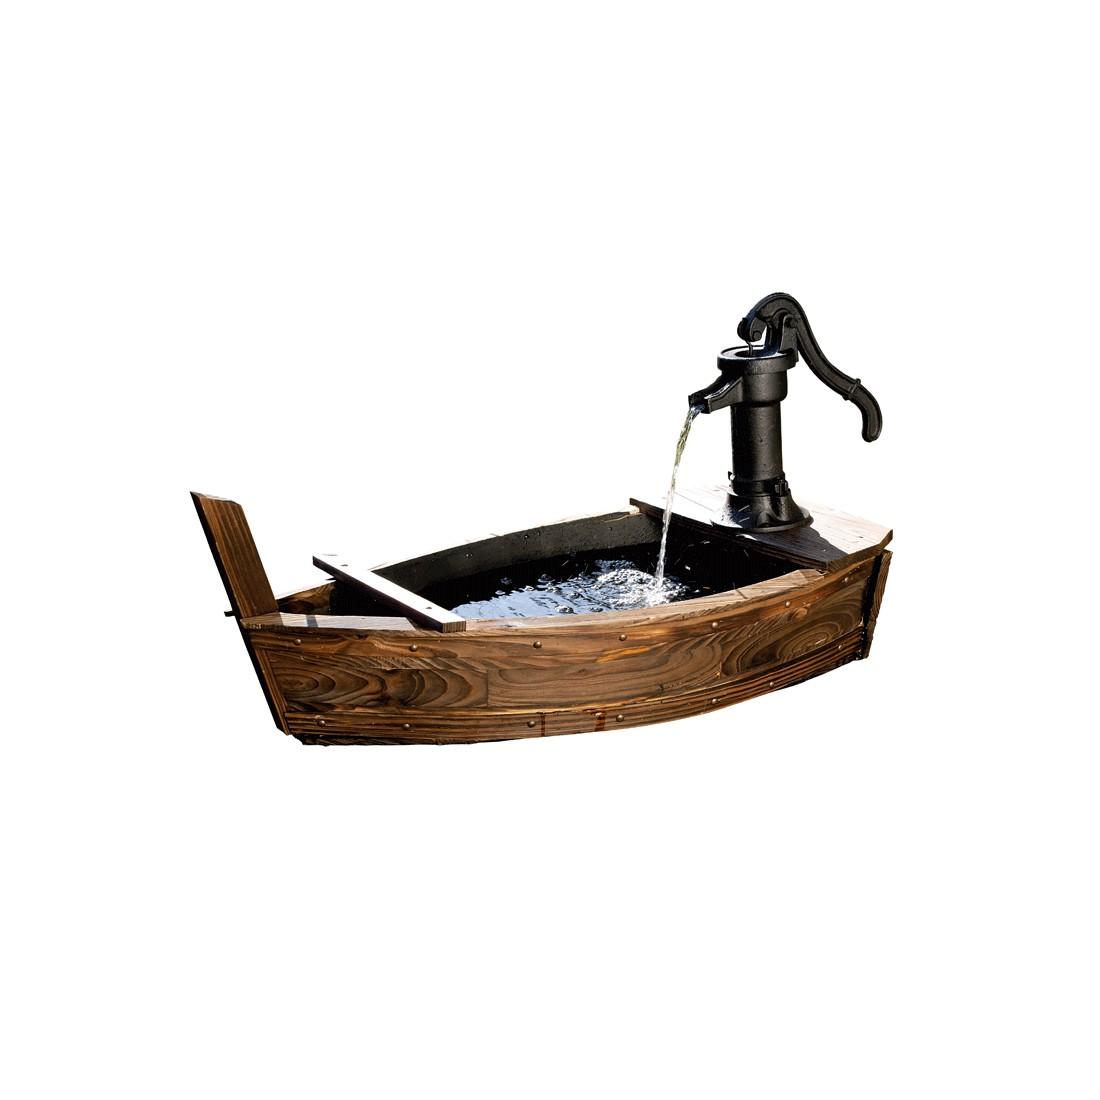 Brunnen in Bootform - Fichtenholz/Eisen - Braun, Pure Day